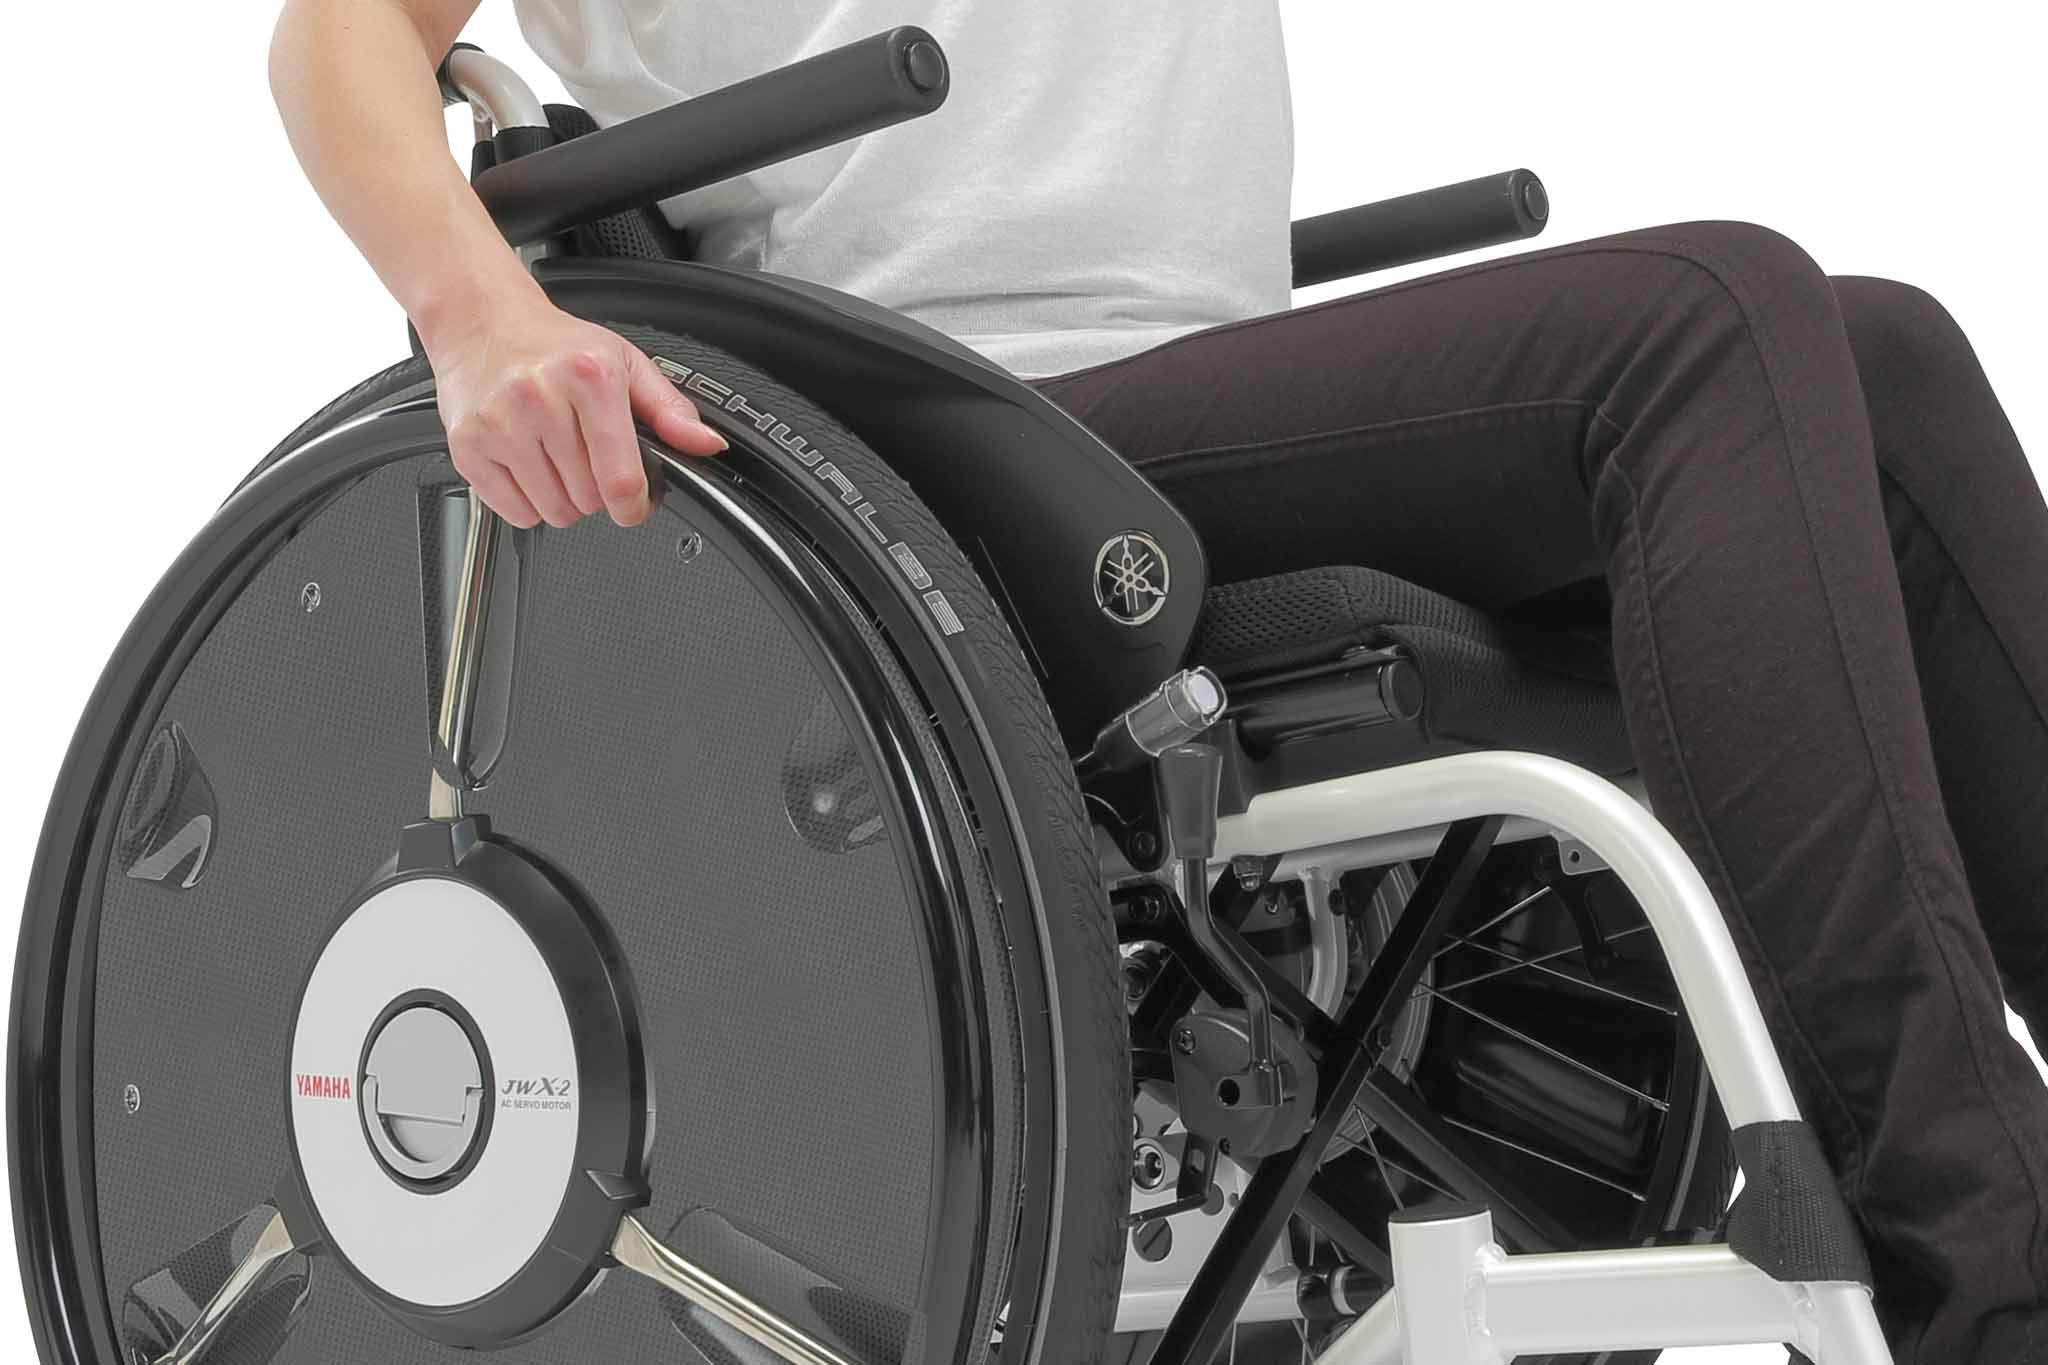 電動でアシストしてくれる車椅子「JWスウィング」